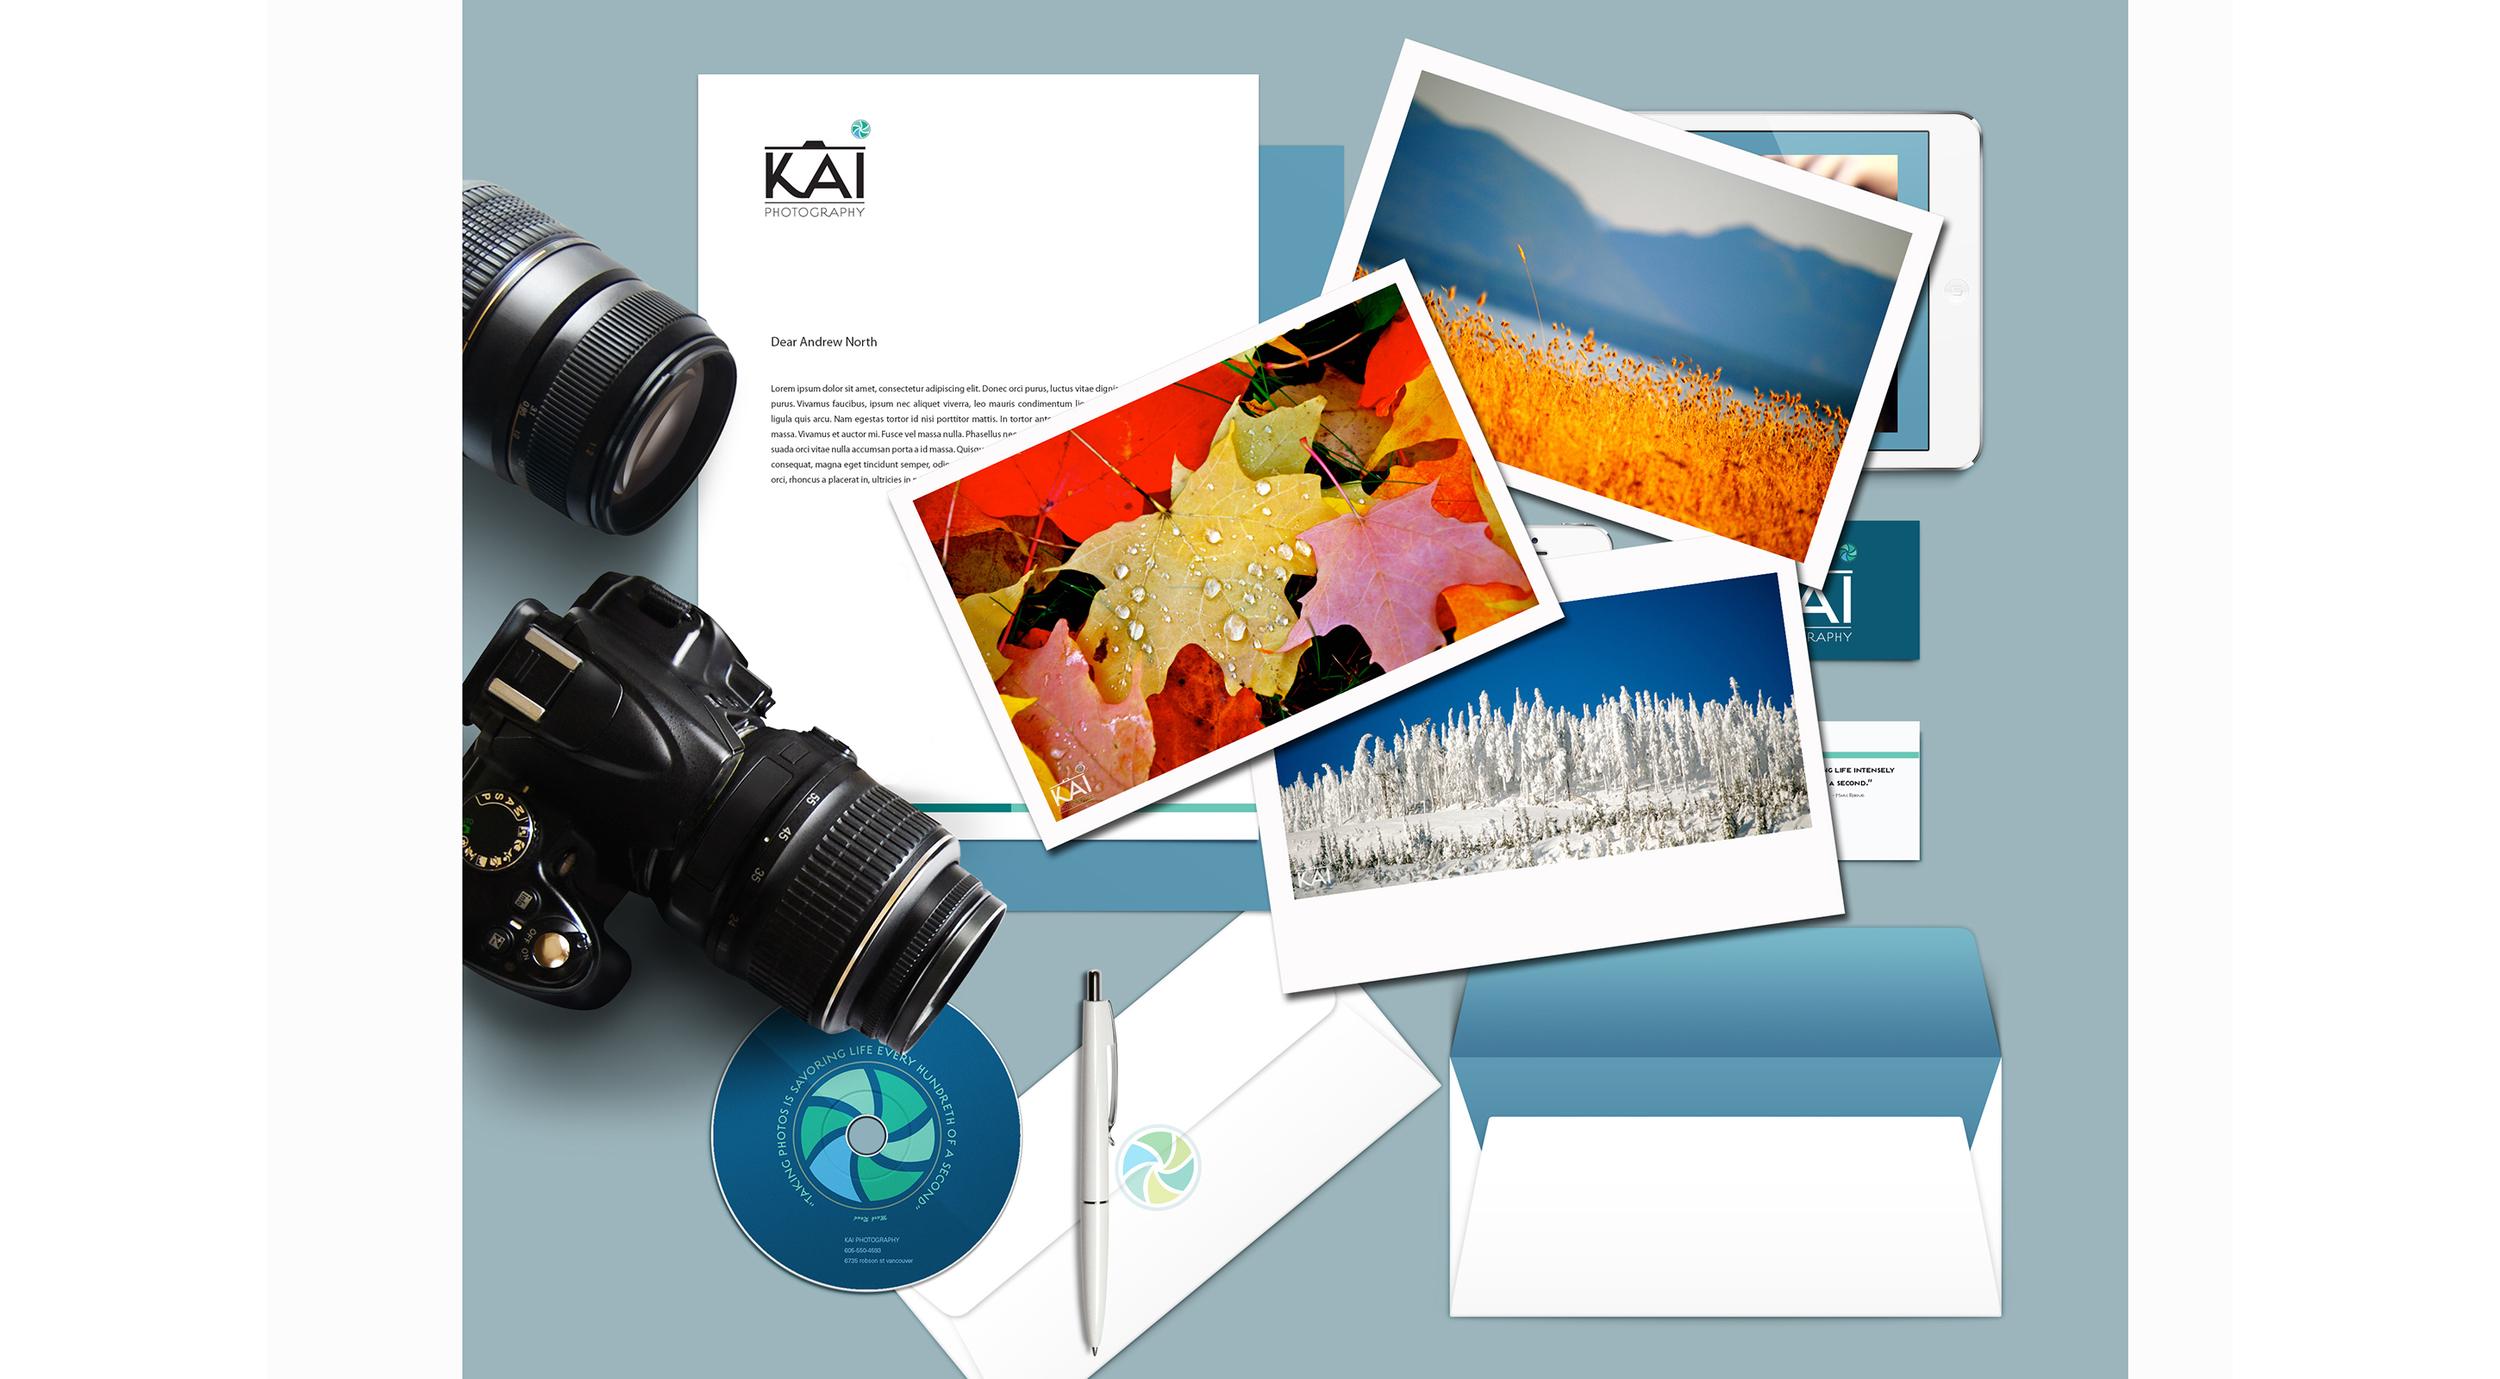 2 KAI PHOTO.jpg